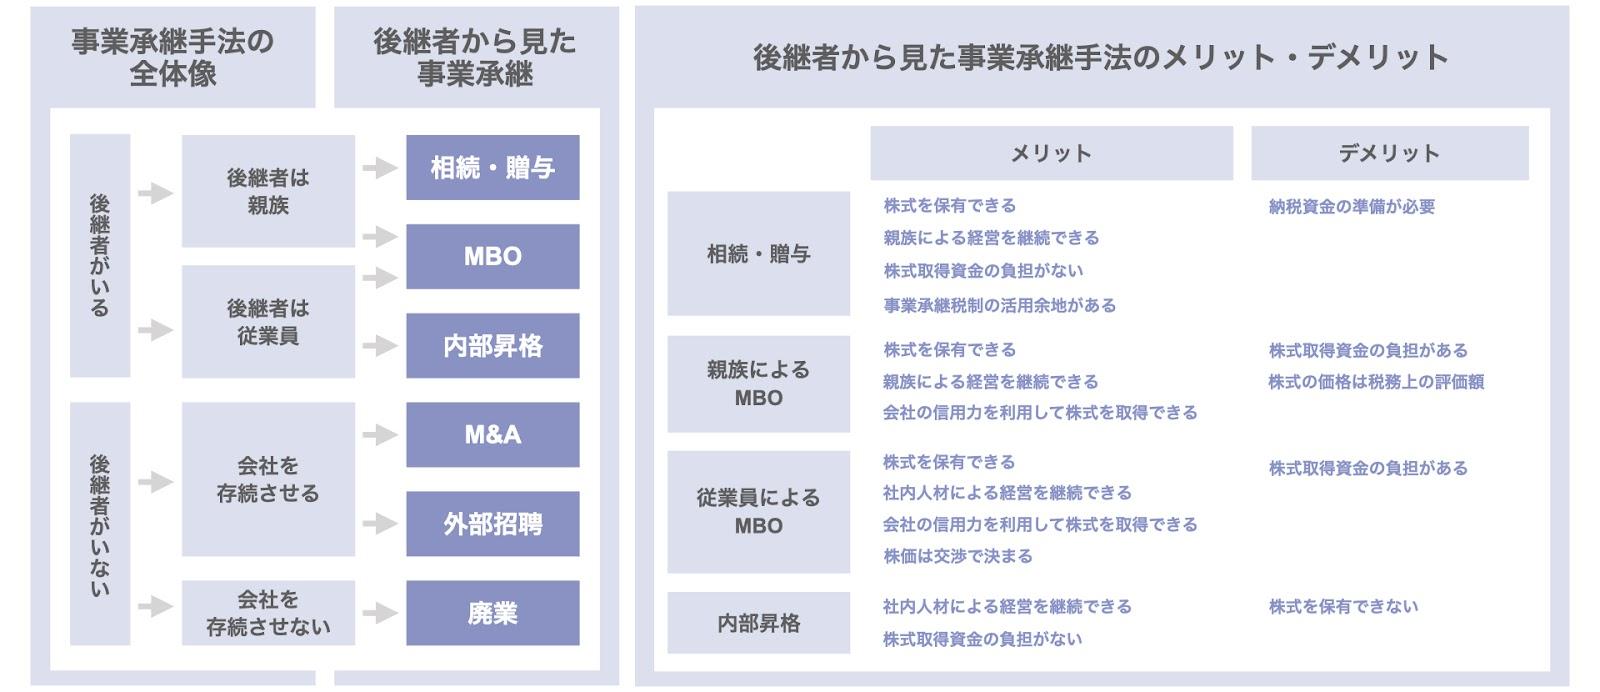 後継者から見た事業承継の手法とメリット・デメリット